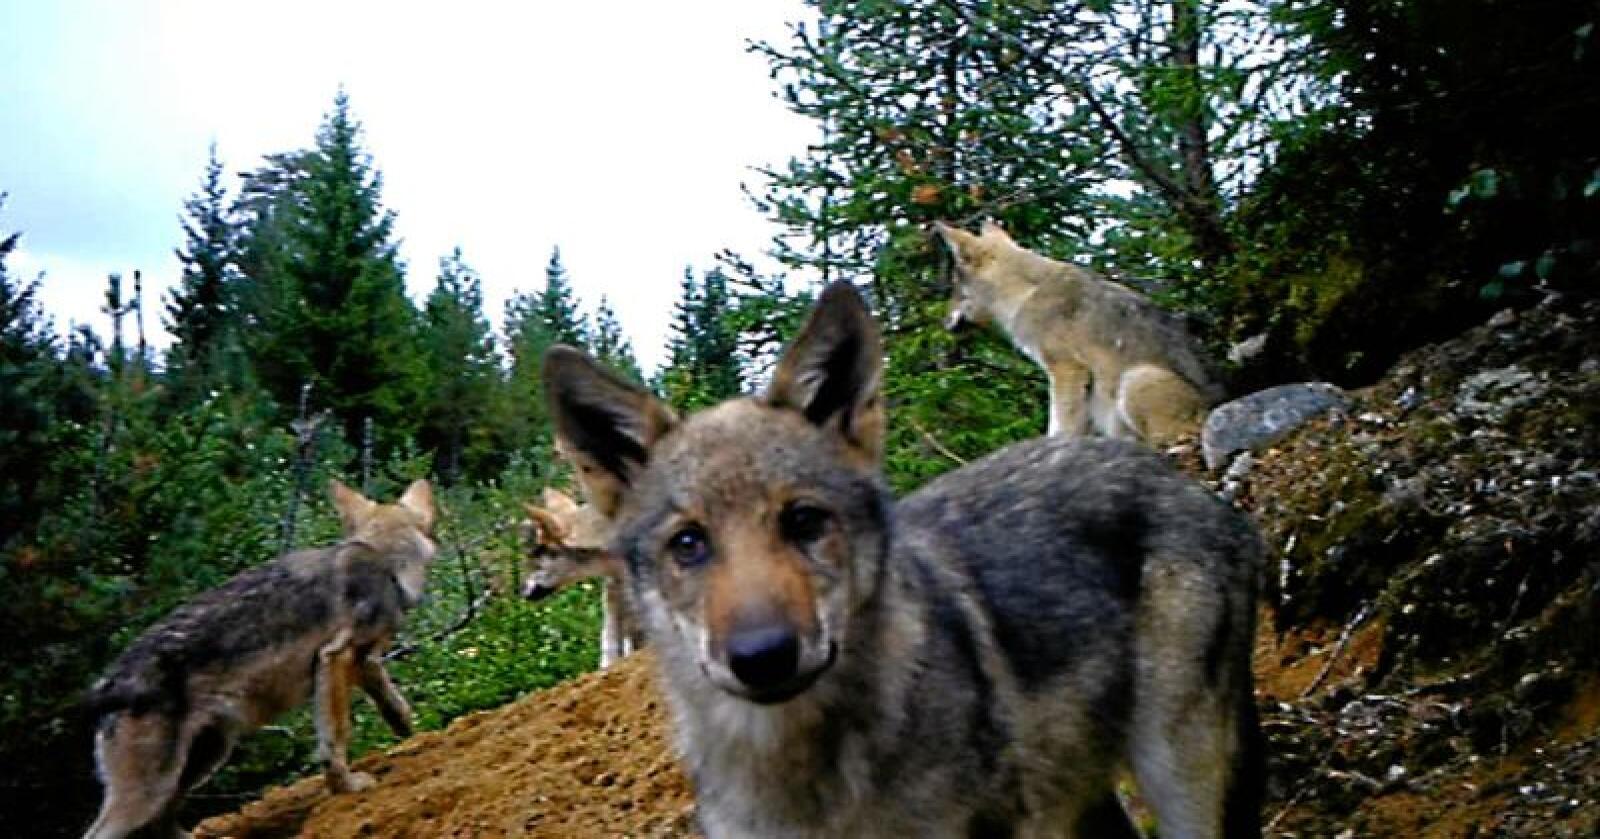 Undrande: Her ser vi fire ulvekvalpar, éin av dei heilt oppe i viltkameraet som er utstasjonert i Finnskogen. Foto: Skjermdump / Egil Tømte Austad / Kjell Skogsrud